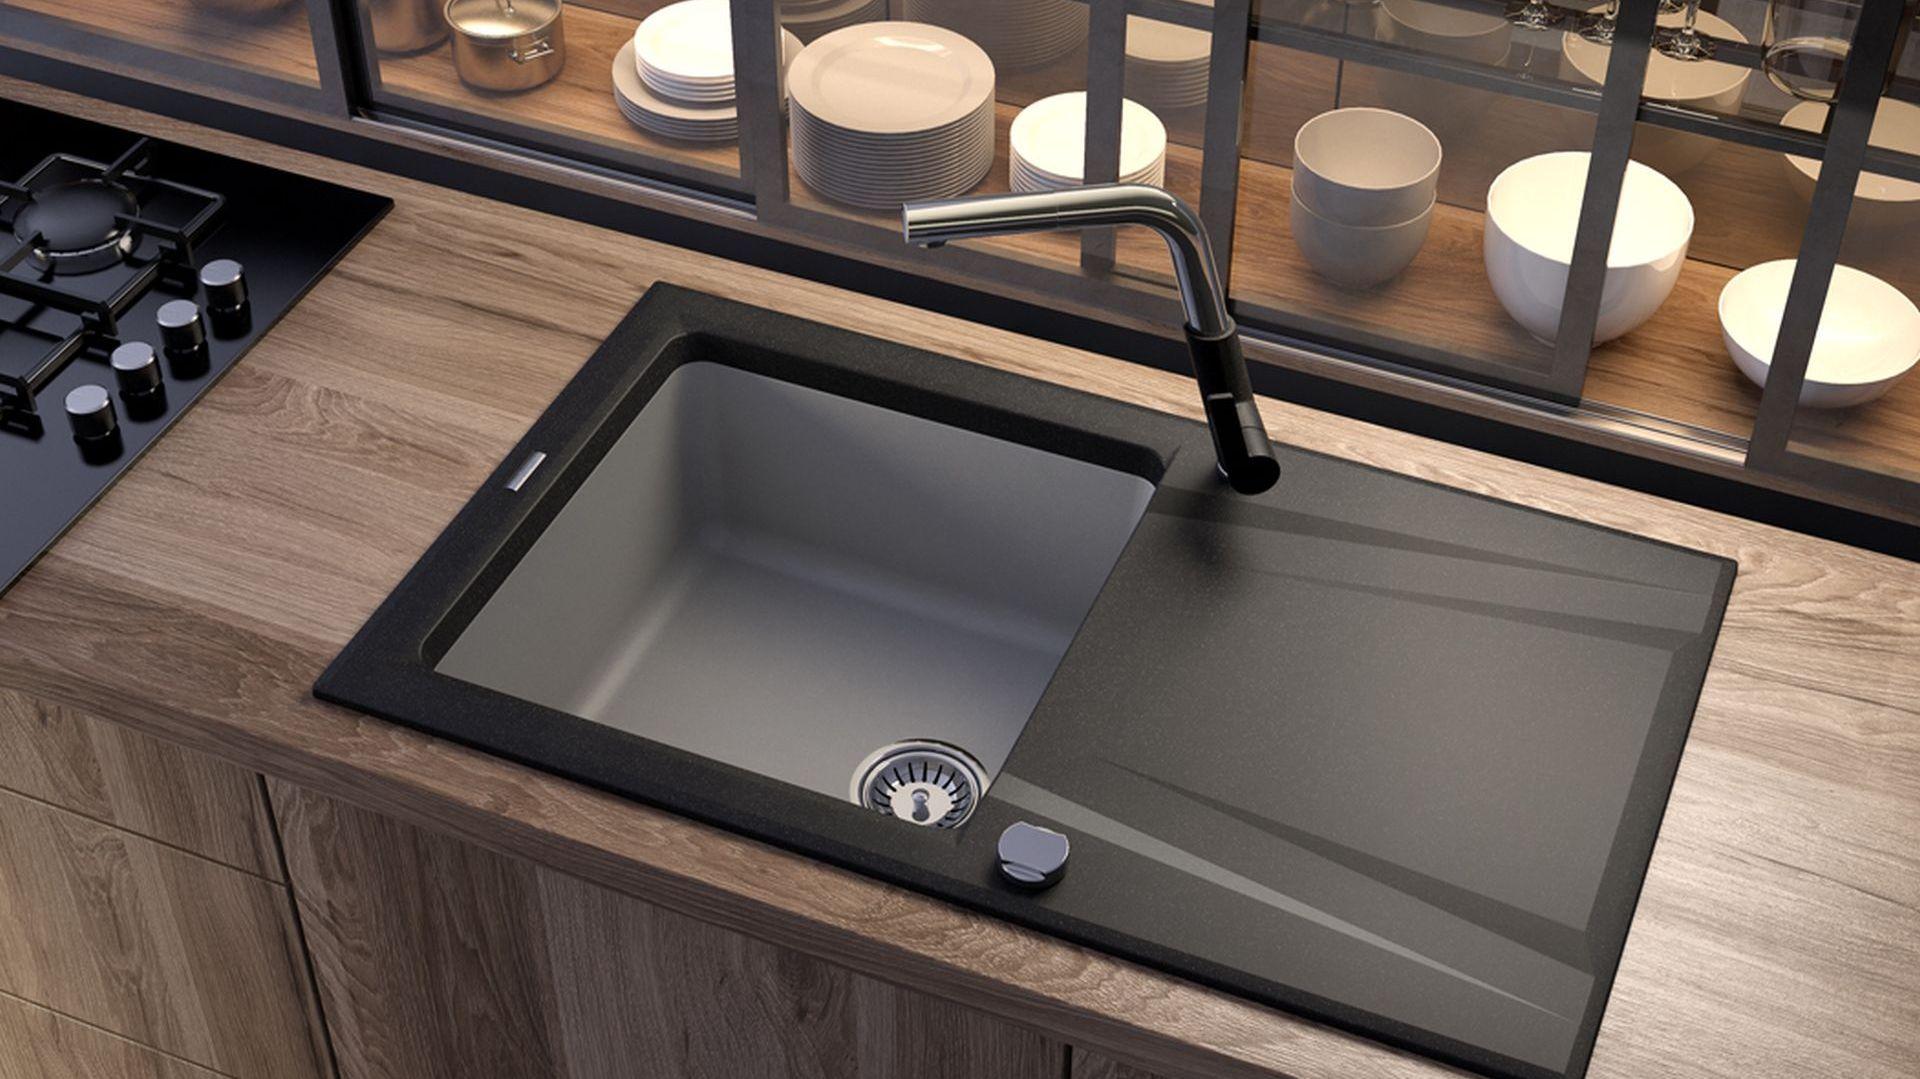 Kolekcja zlewozmywaków hybrydowych Prime Bicolor/Deante. Produkt zgłoszony do konkursu Kuchnia - Wybór Roku 2020